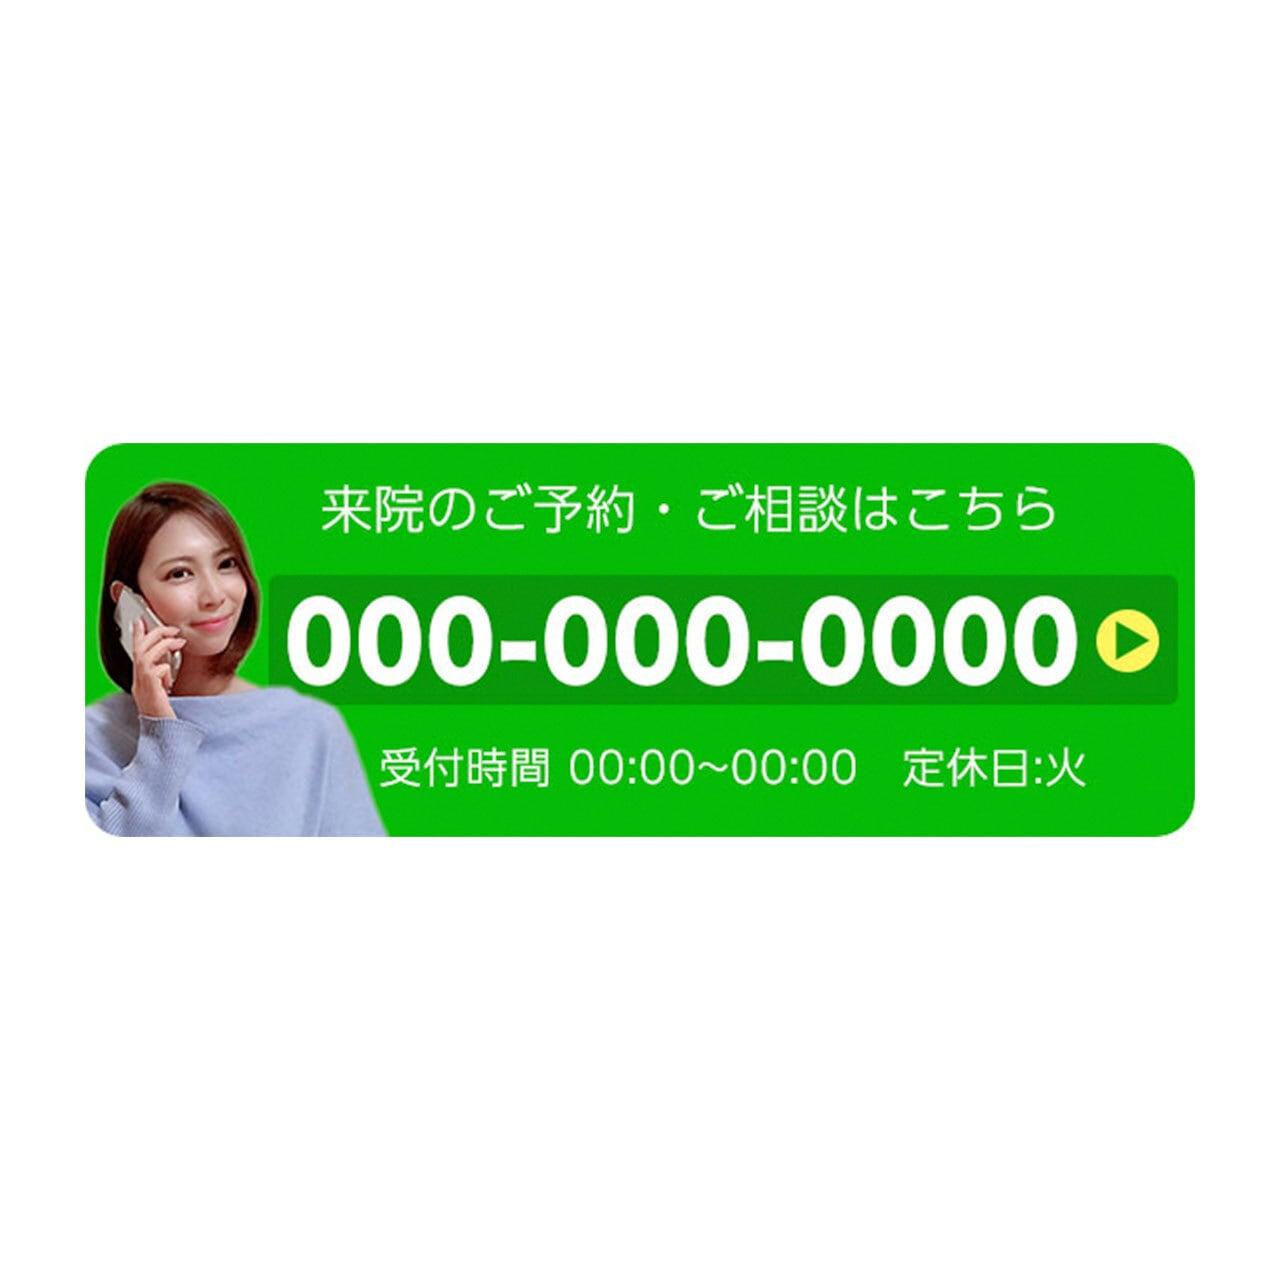 オリジナル「電話番号入りTELボタン」制作